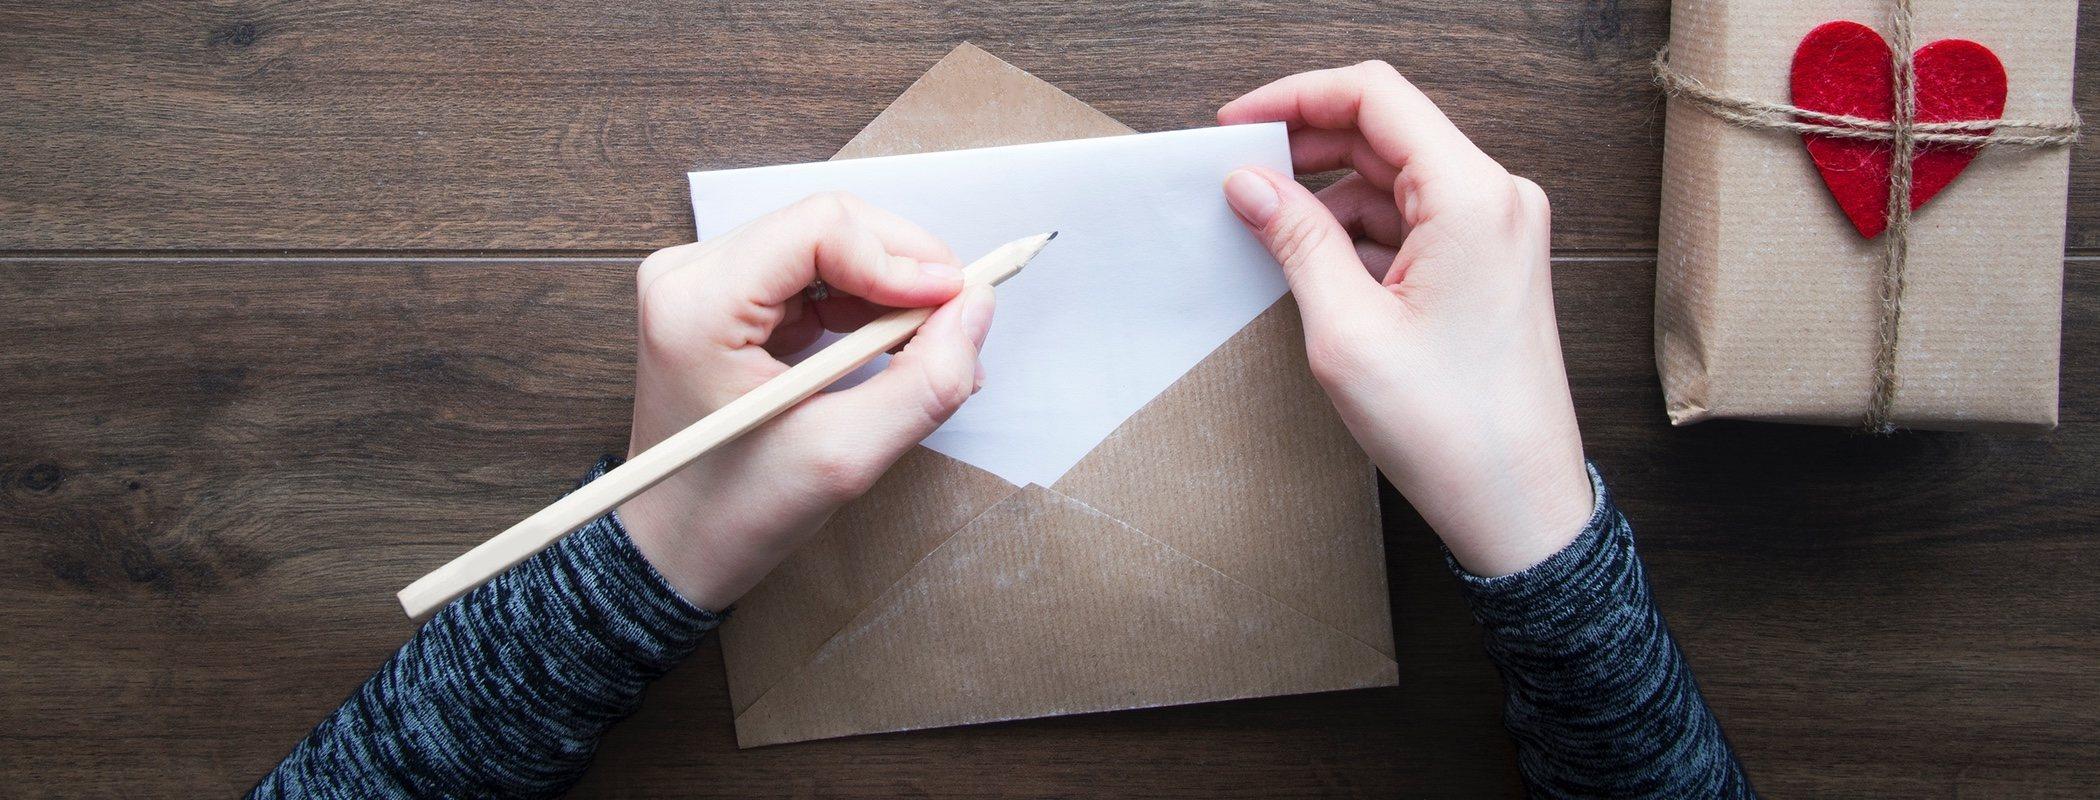 Cartas De Amor Para Pedir Perdón A Tu Pareja Bekia Pareja